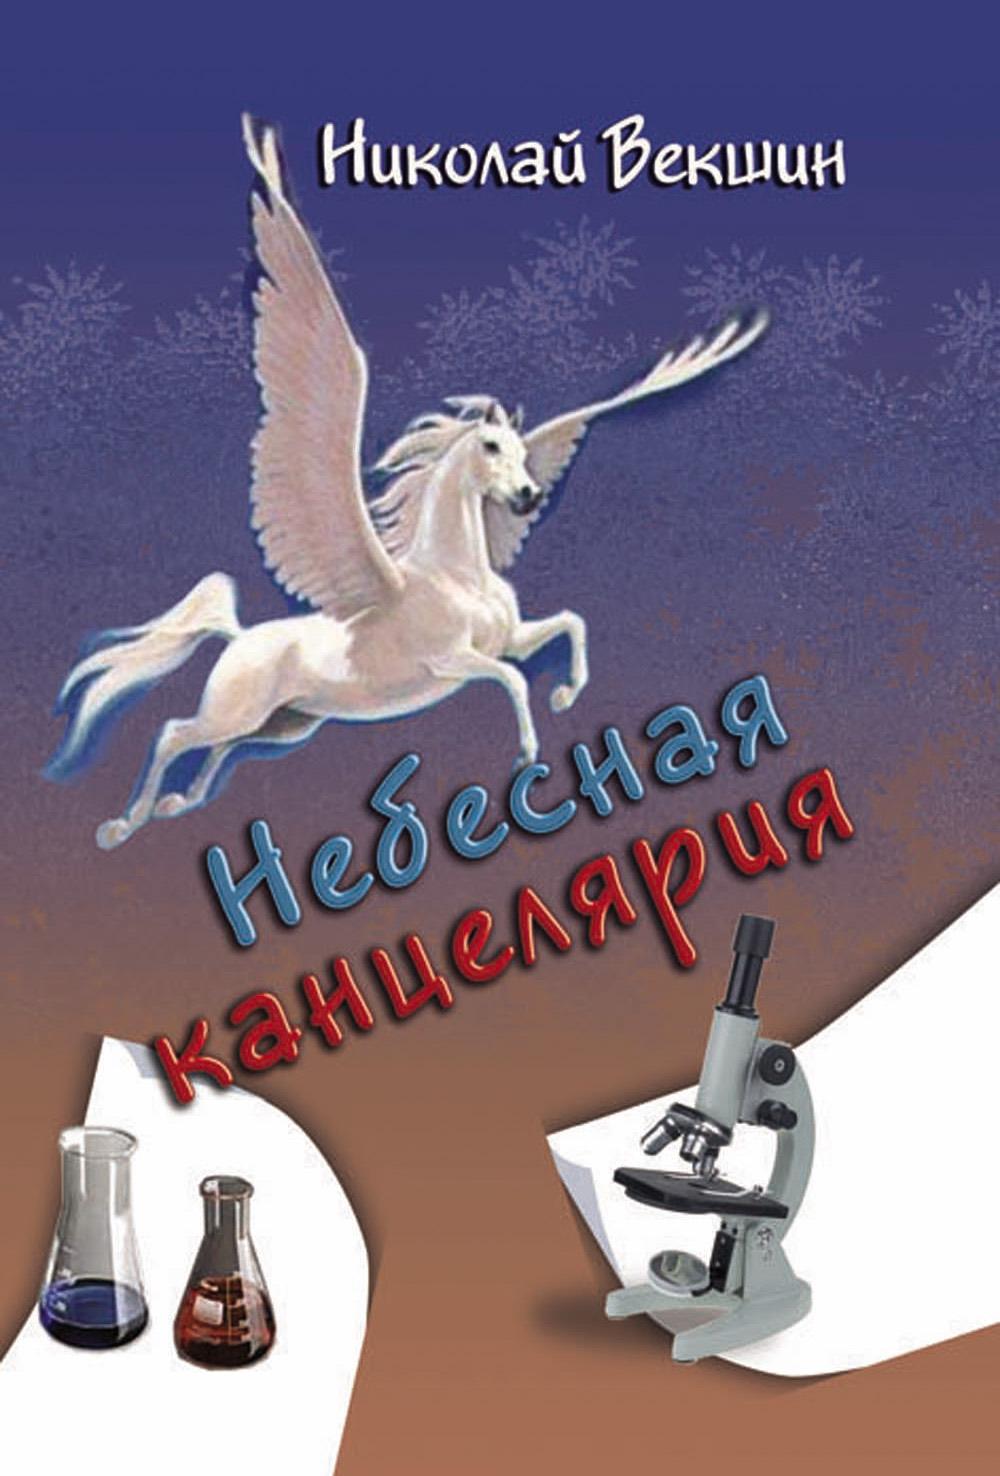 Н. Л. Векшин Небесная канцелярия (сборник)